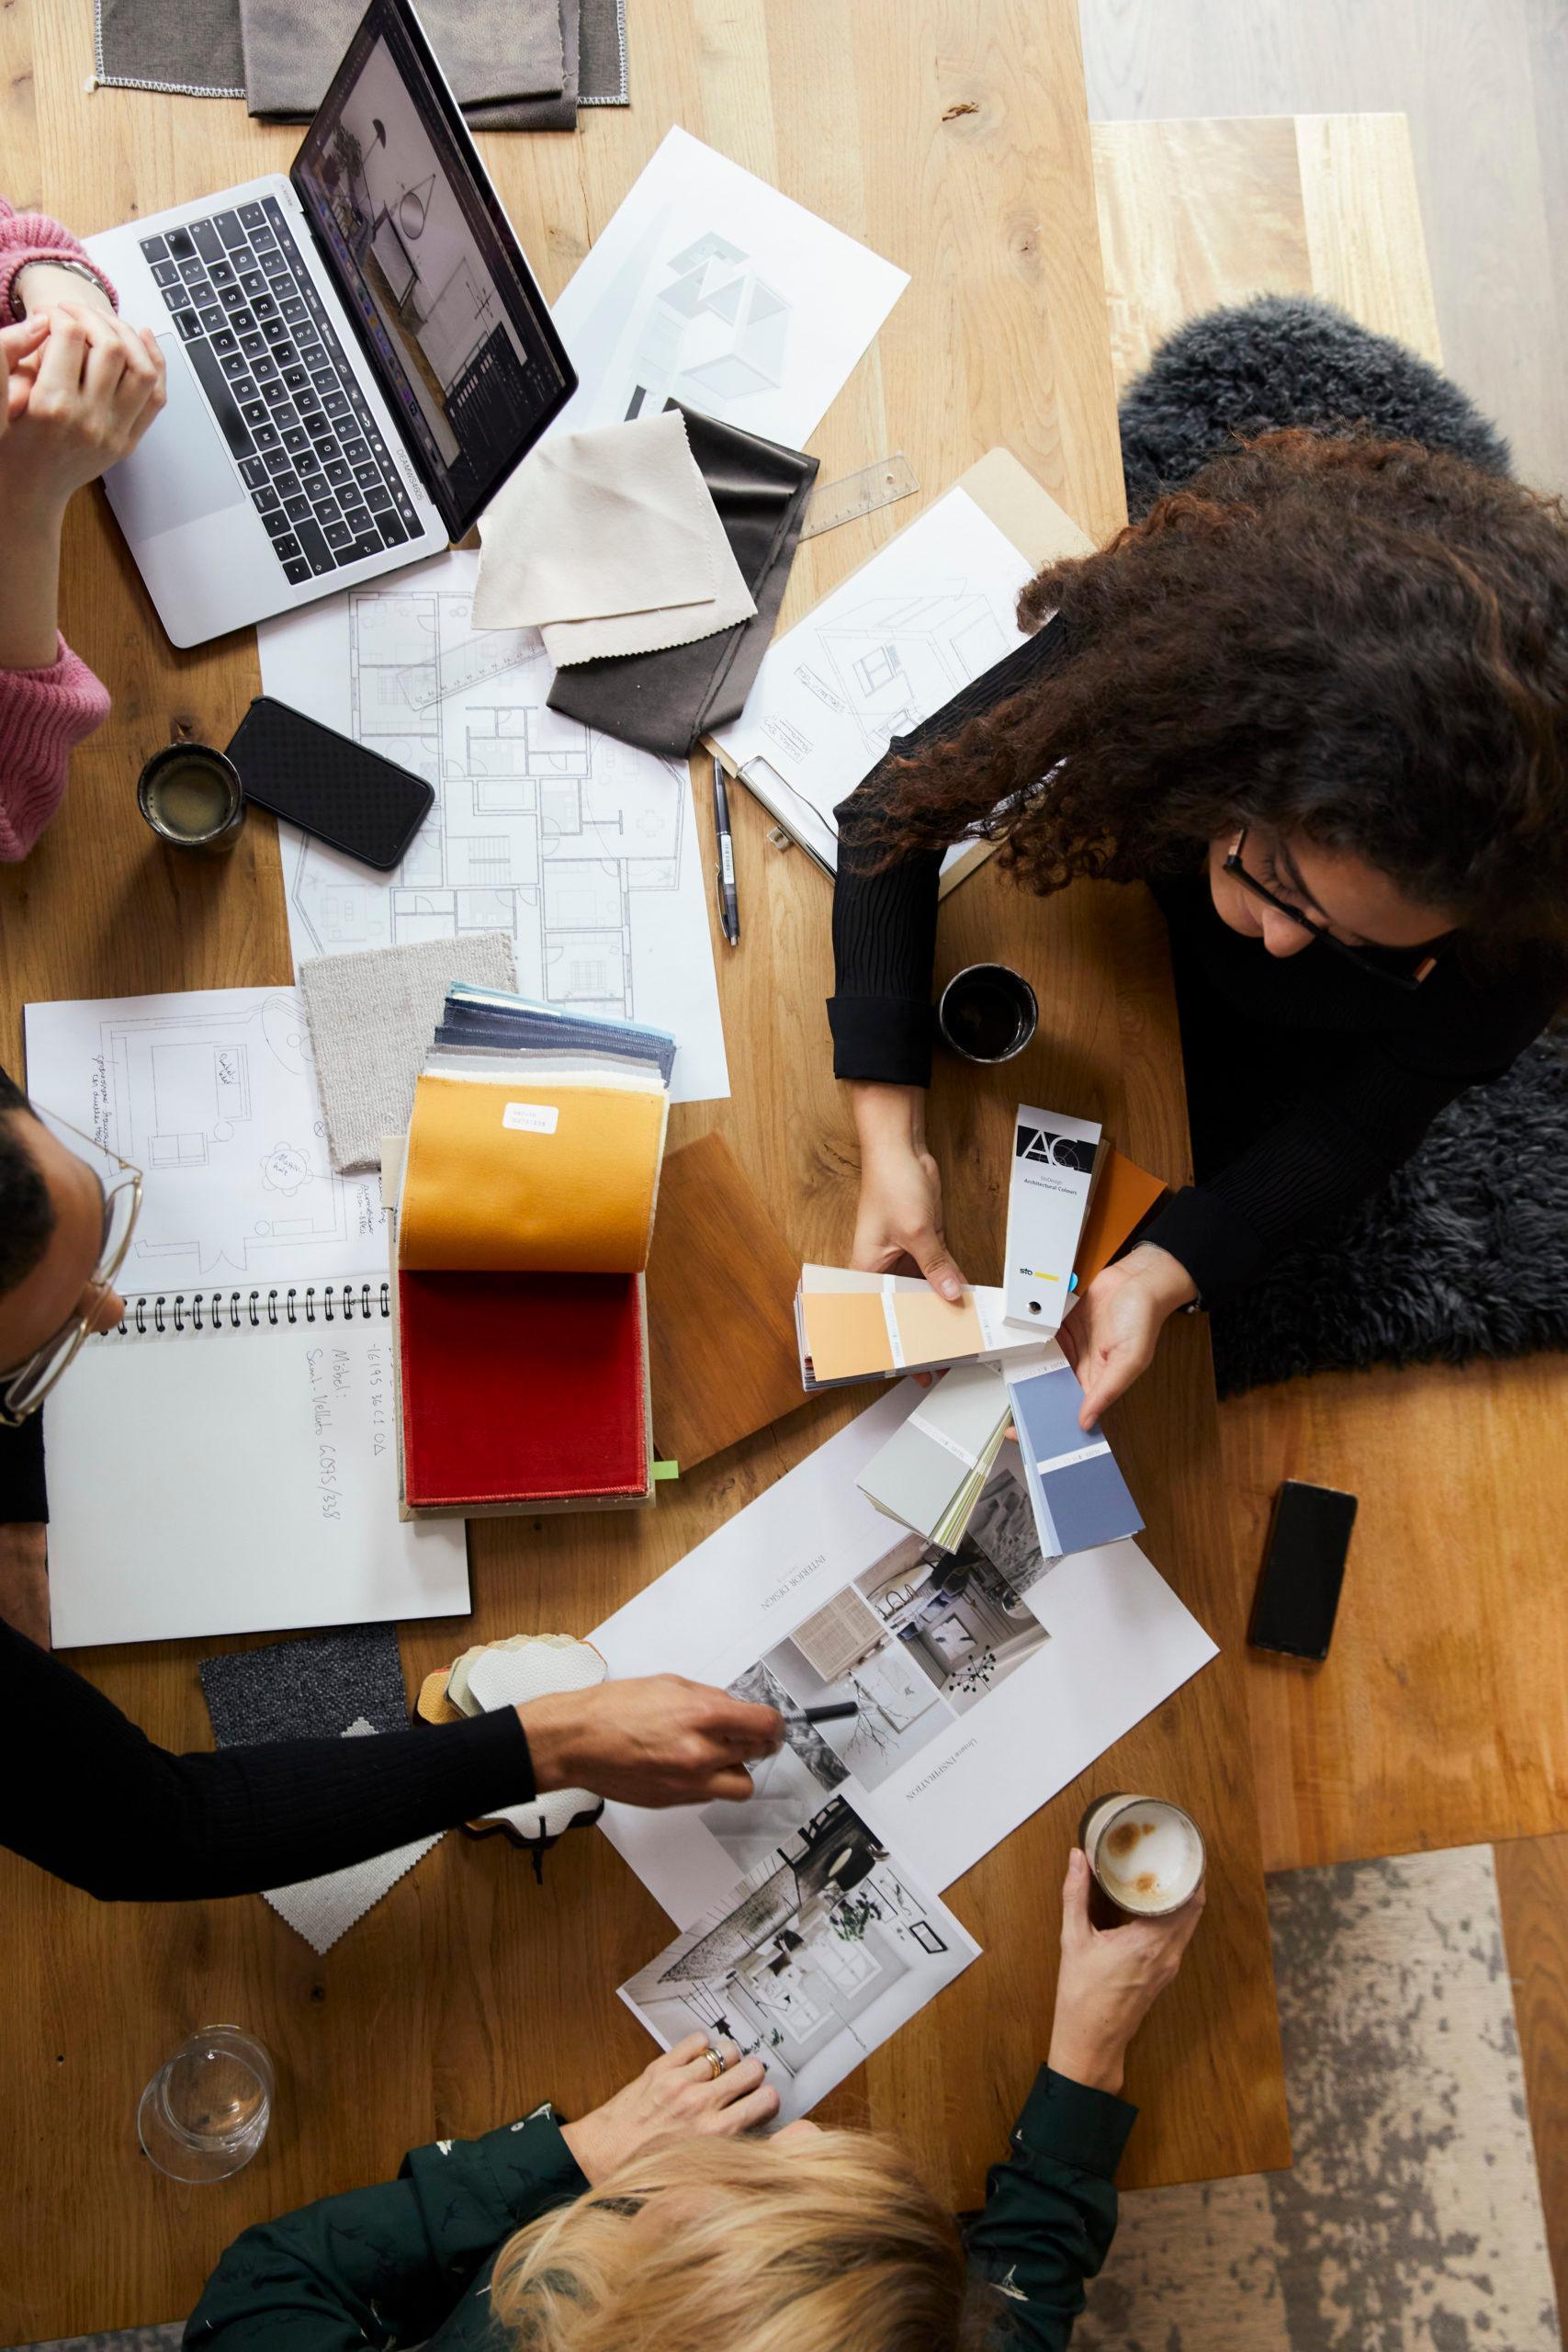 Trzy osoby siedzące przy stole w biurze i pracujące